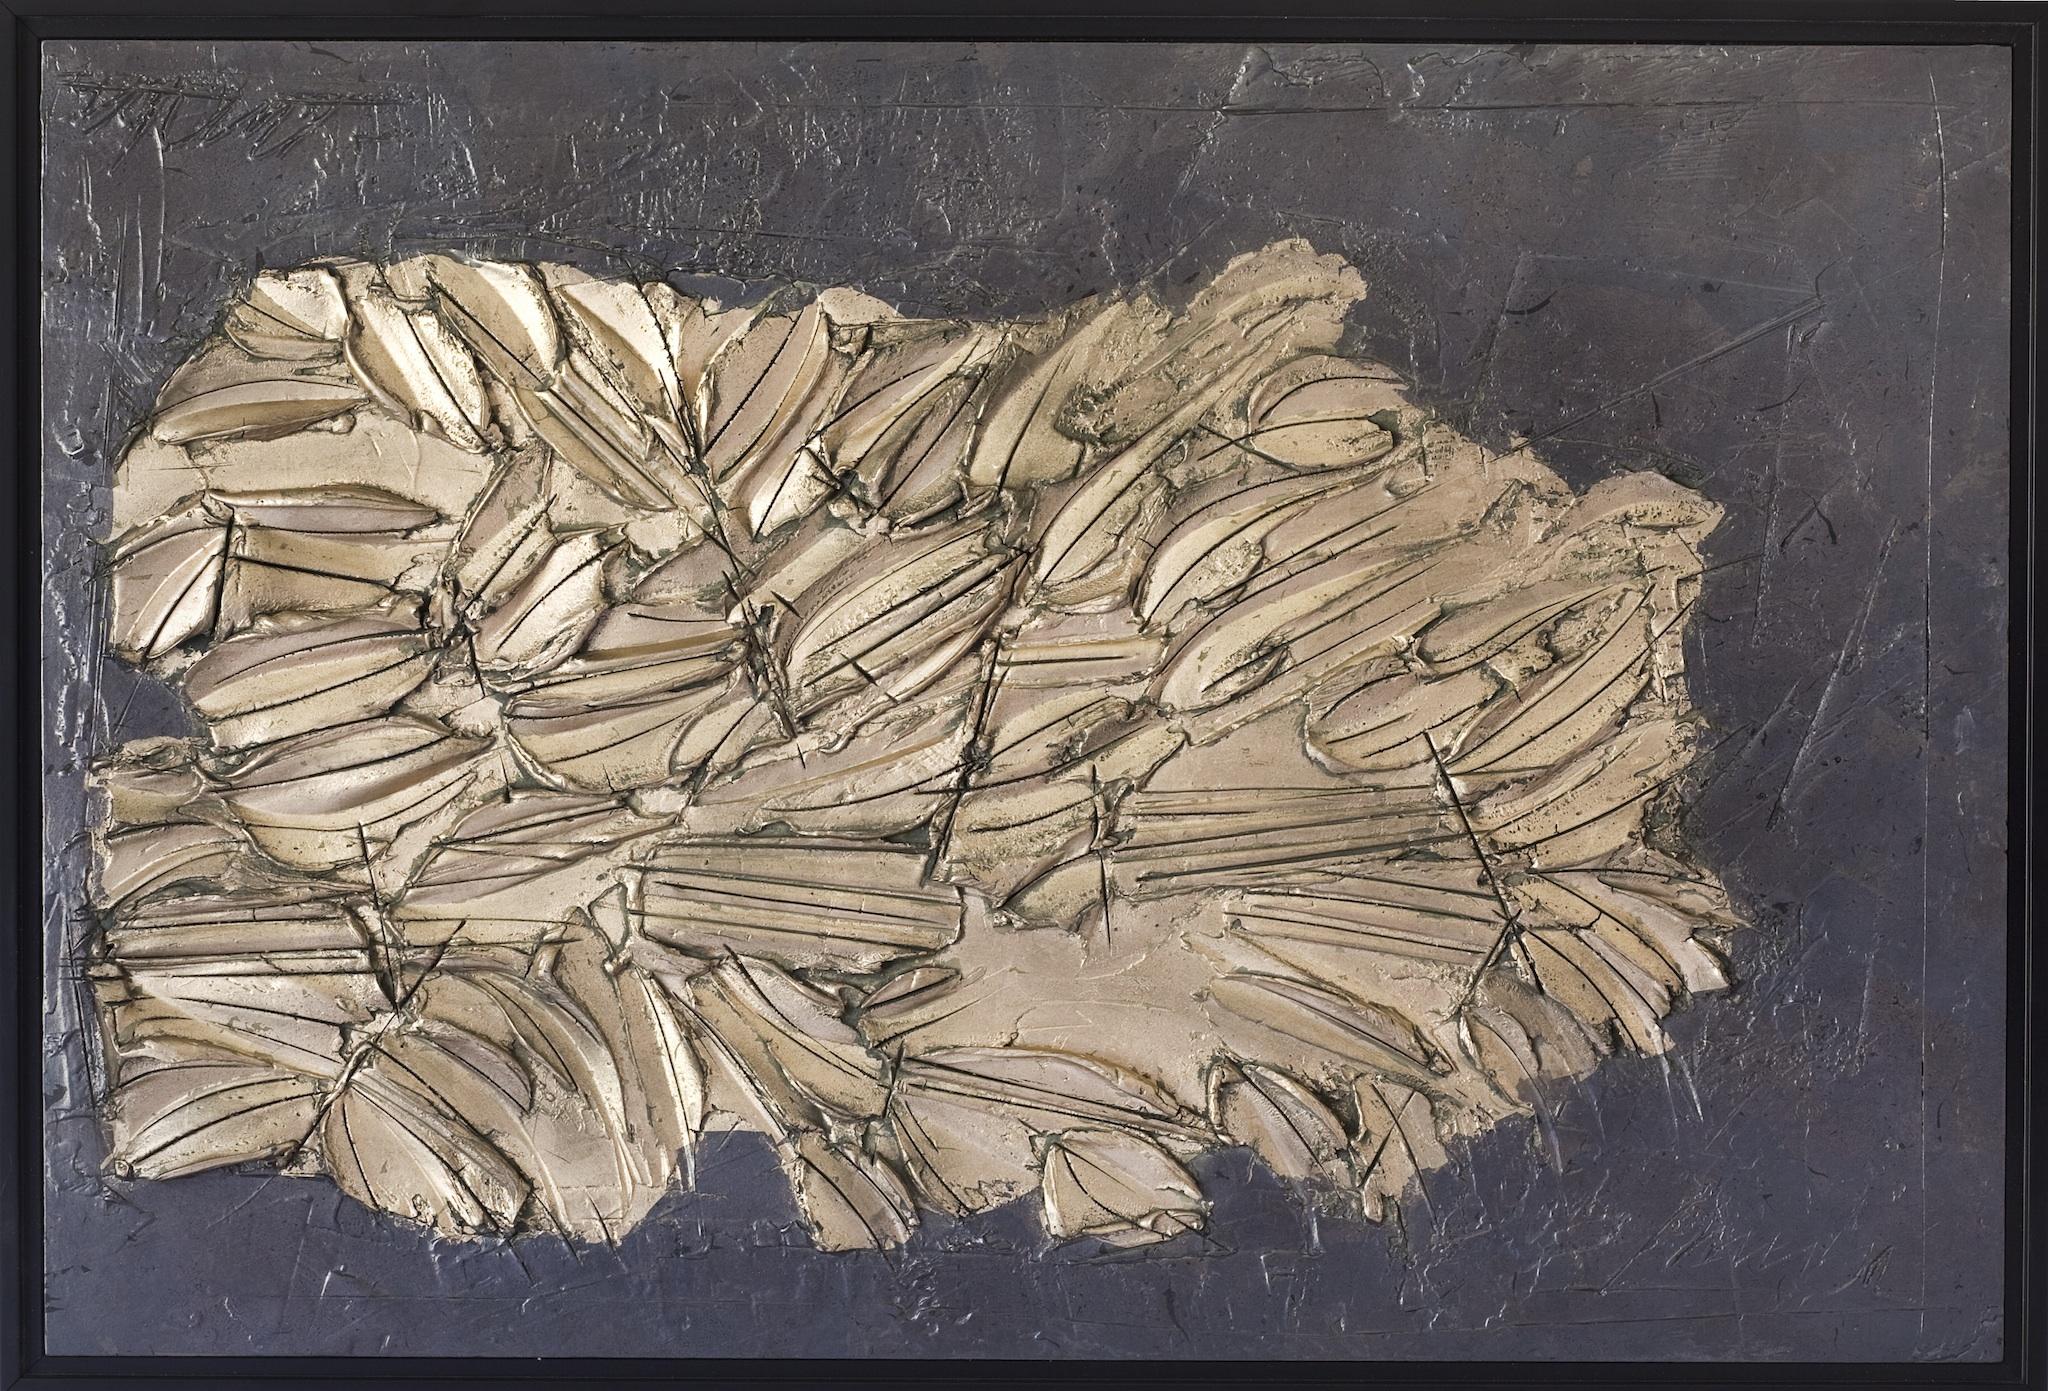 Mallarme No. 28, 2012